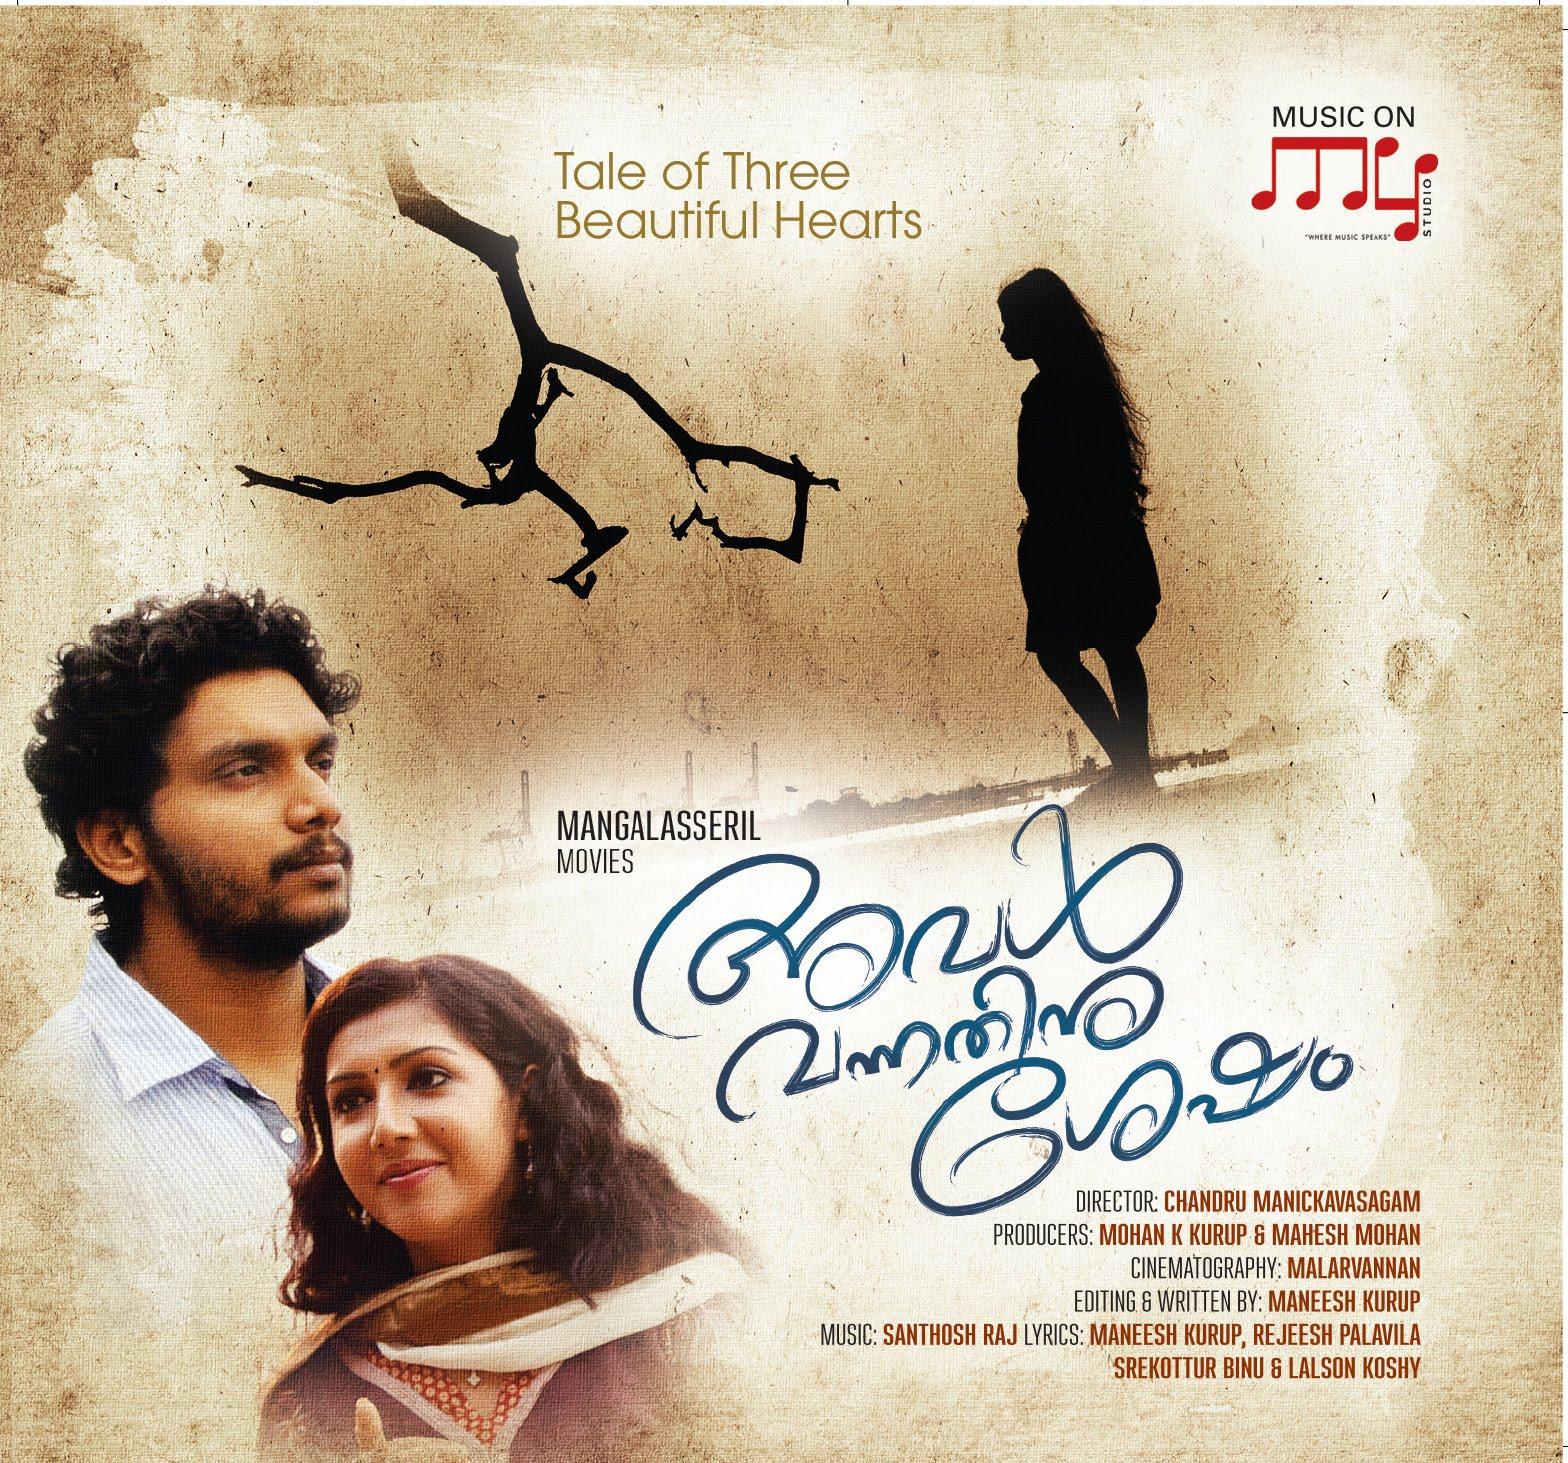 Aval vannathinu shesham film poster